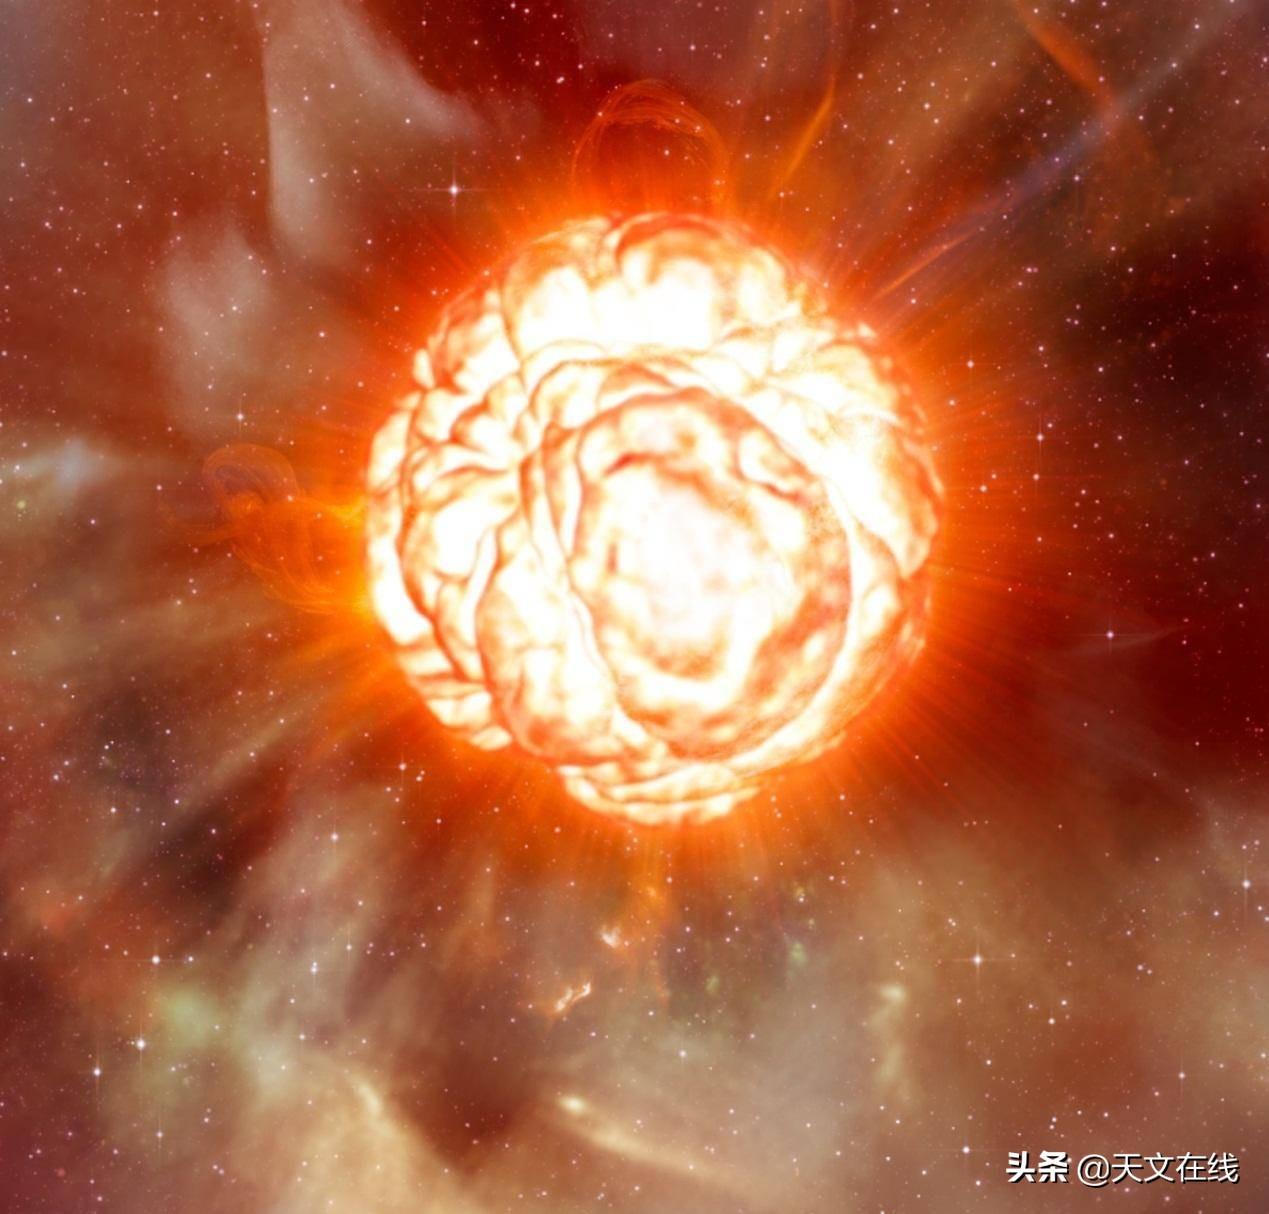 天文上的脑洞:太阳会爆炸吗?